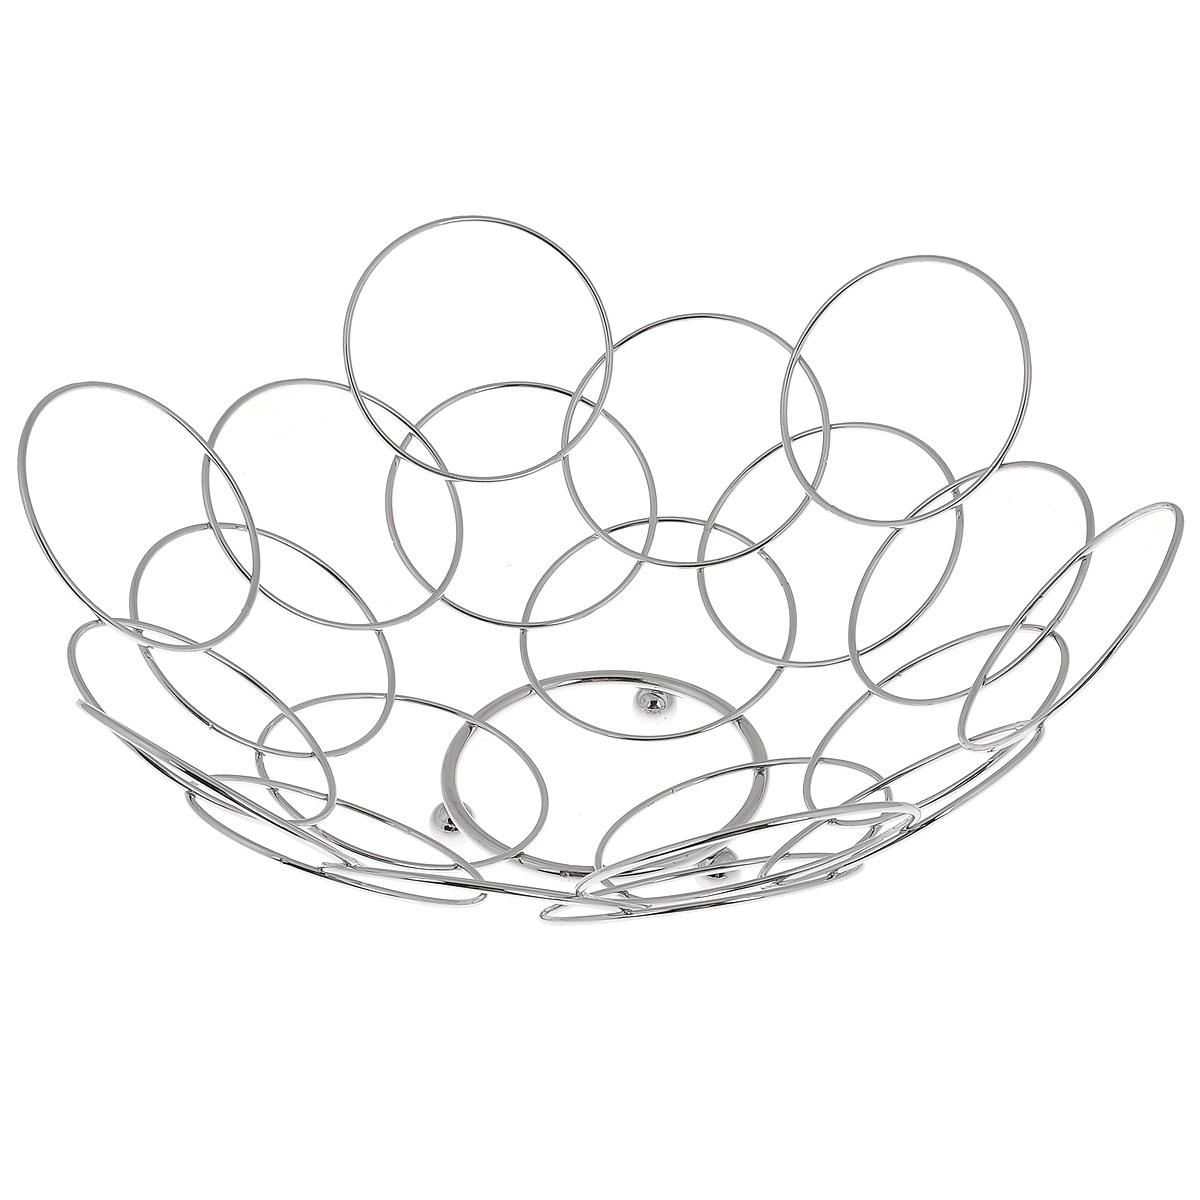 Фруктовница Kesper, диаметр 36 см115610Оригинальная фруктовница Kesper, изготовленная из металла с хромированной поверхностью, идеально подходит для хранения и красивой сервировки любых фруктов. Современный дизайн фруктовницы идеально впишется в интерьер вашей кухни. Вместительная фруктовница Kesper позволит красиво уложить фрукты, сделав сервировку стола изысканной и незабываемой.Диаметр: 36 см.Высота: 14 см.